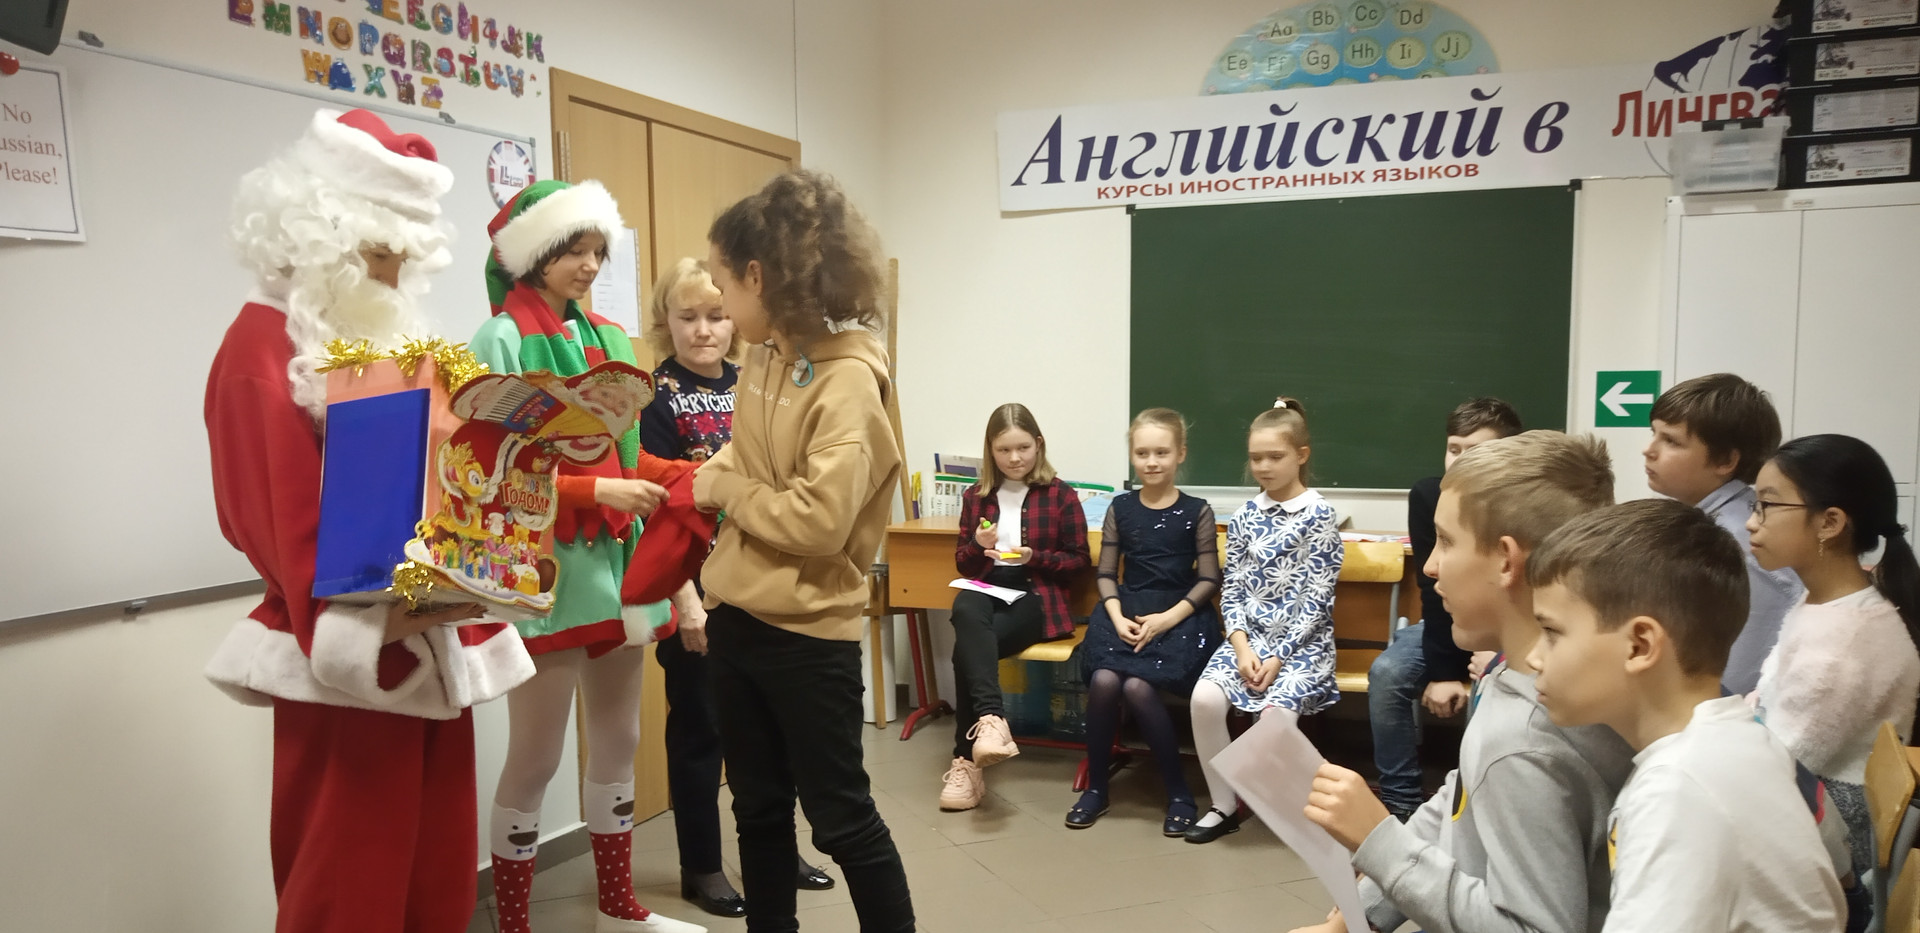 Каждый получил сладкий подарок от Санты и небольшой сувенир